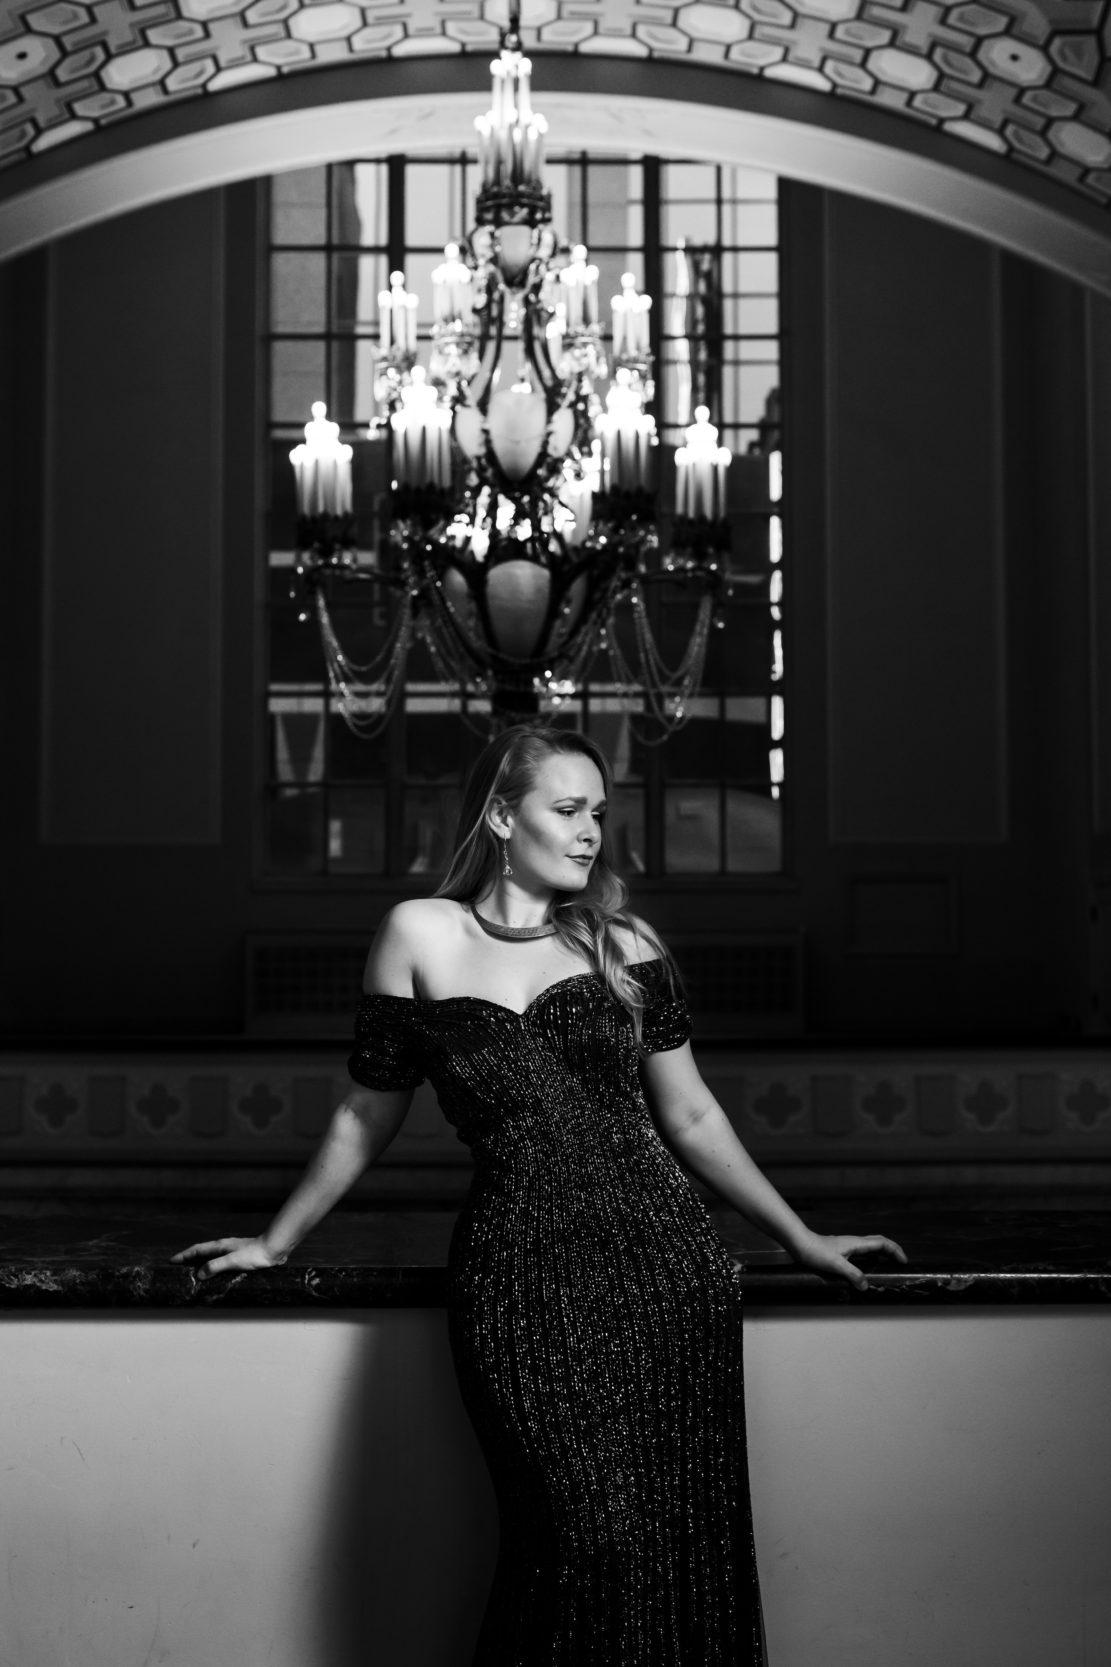 Siena_Licht_Miller_Opera_Singer_arlene_schnitzer_004